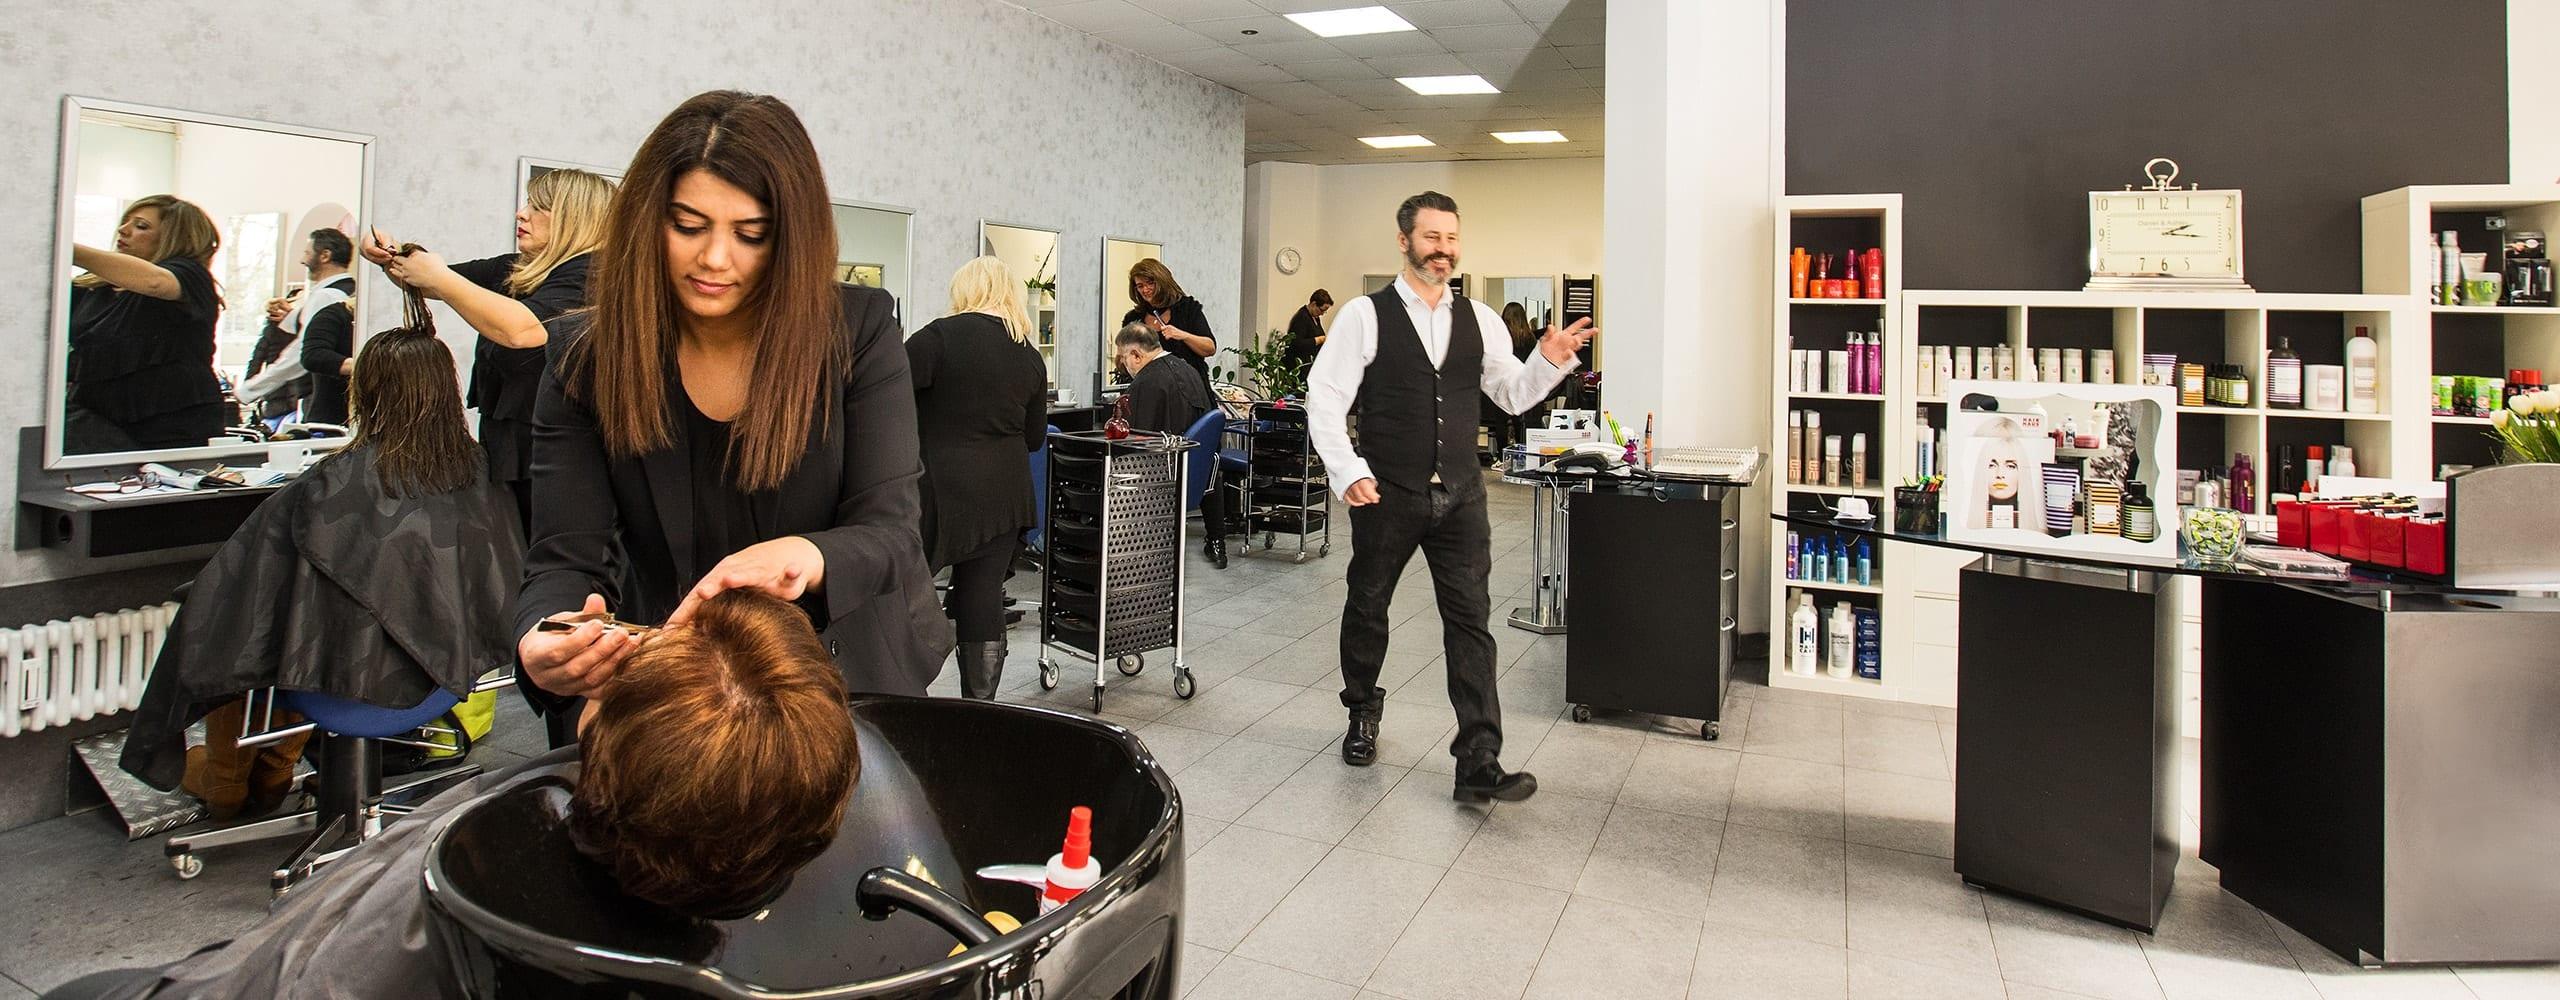 Mitarbeiterin von Memo's Haarstudio am waschen der Haare einer Kundin